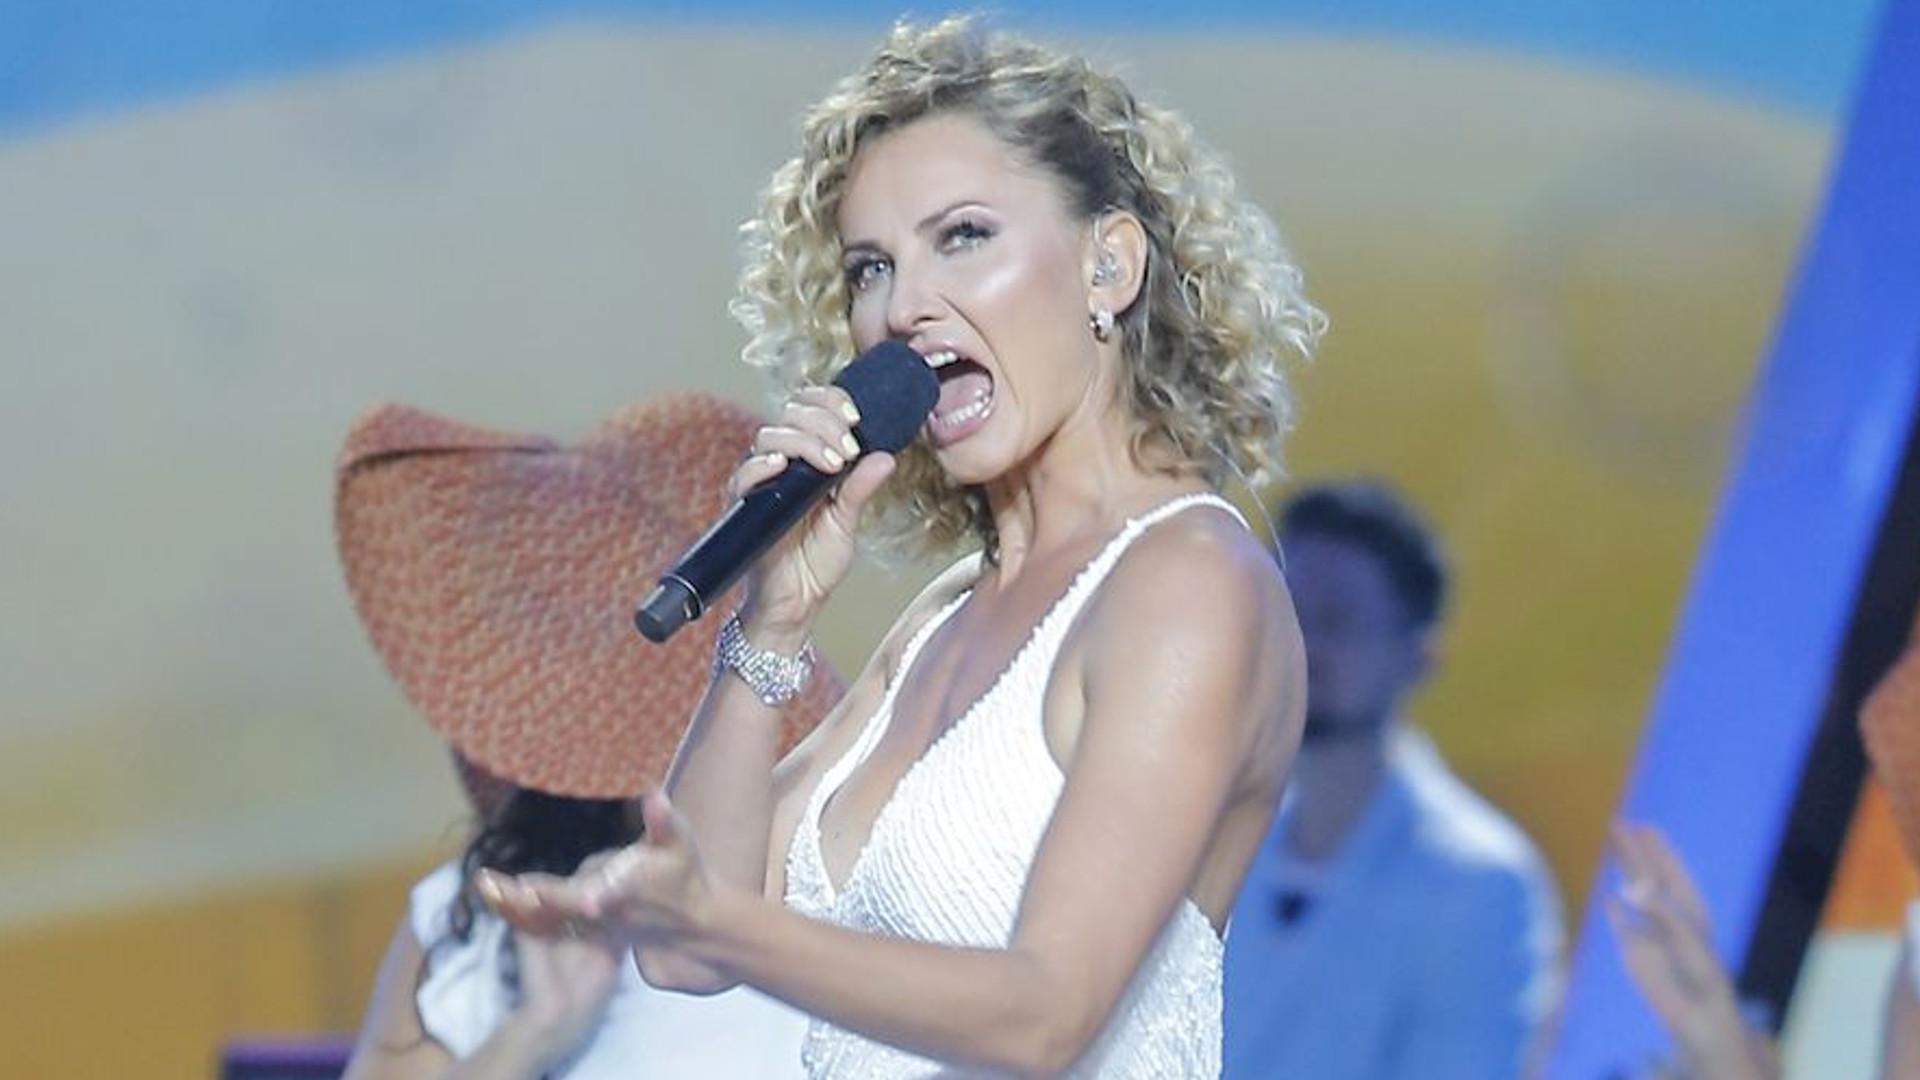 TVP wydało oświadczenie w sprawie występu Joanny Moro. Przyznają się do wielkiej wpadki